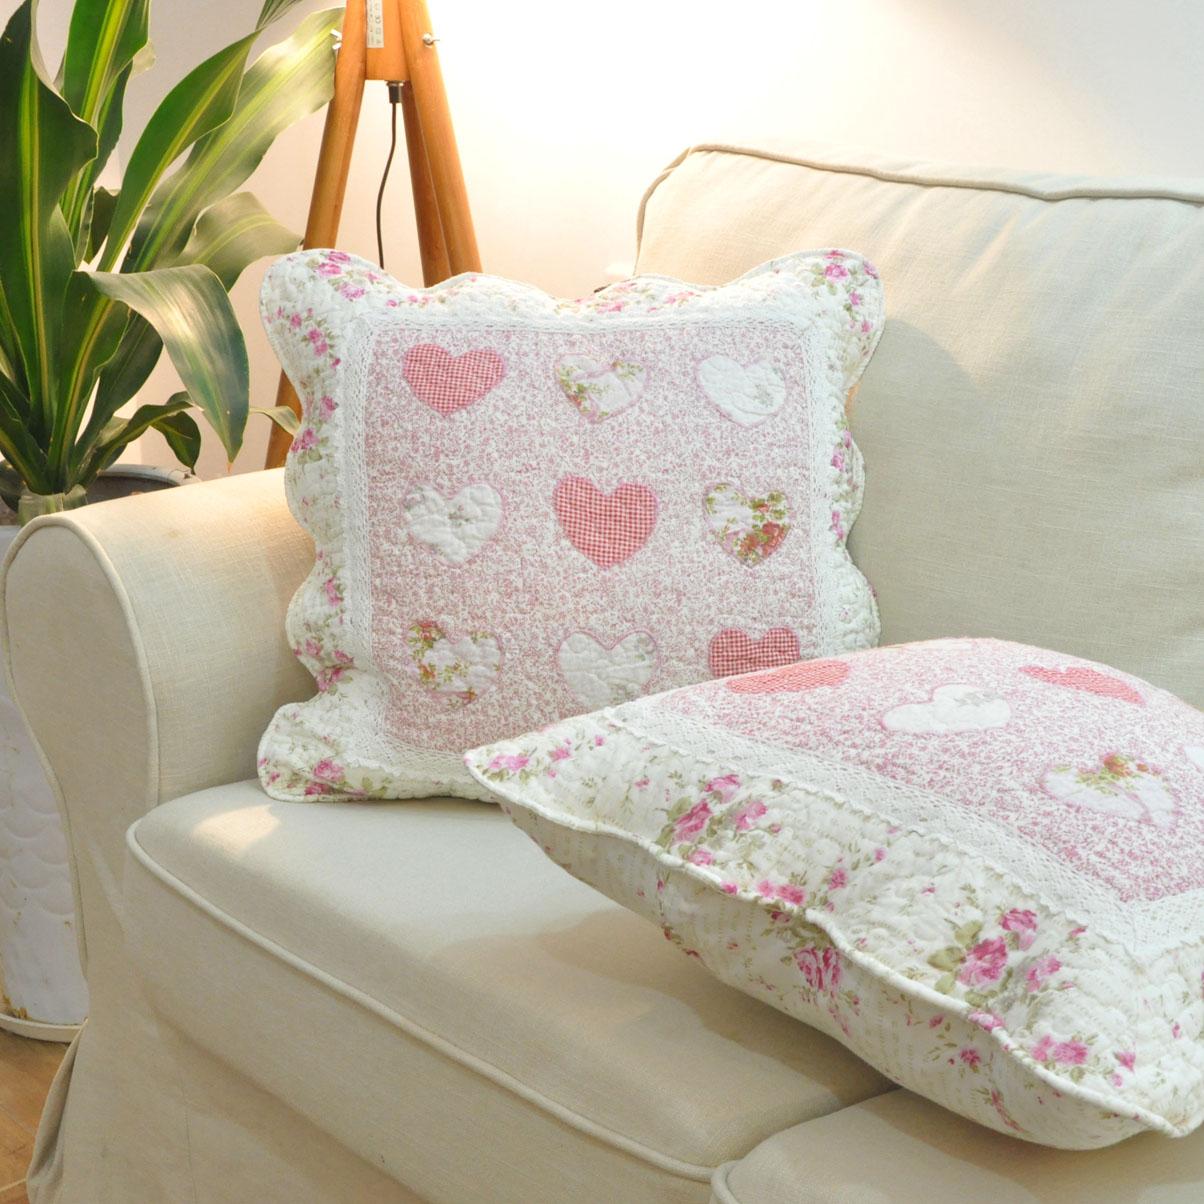 田園絎縫全棉拼布布藝 腰枕辦公室沙發靠墊套汽車靠背抱枕多款式